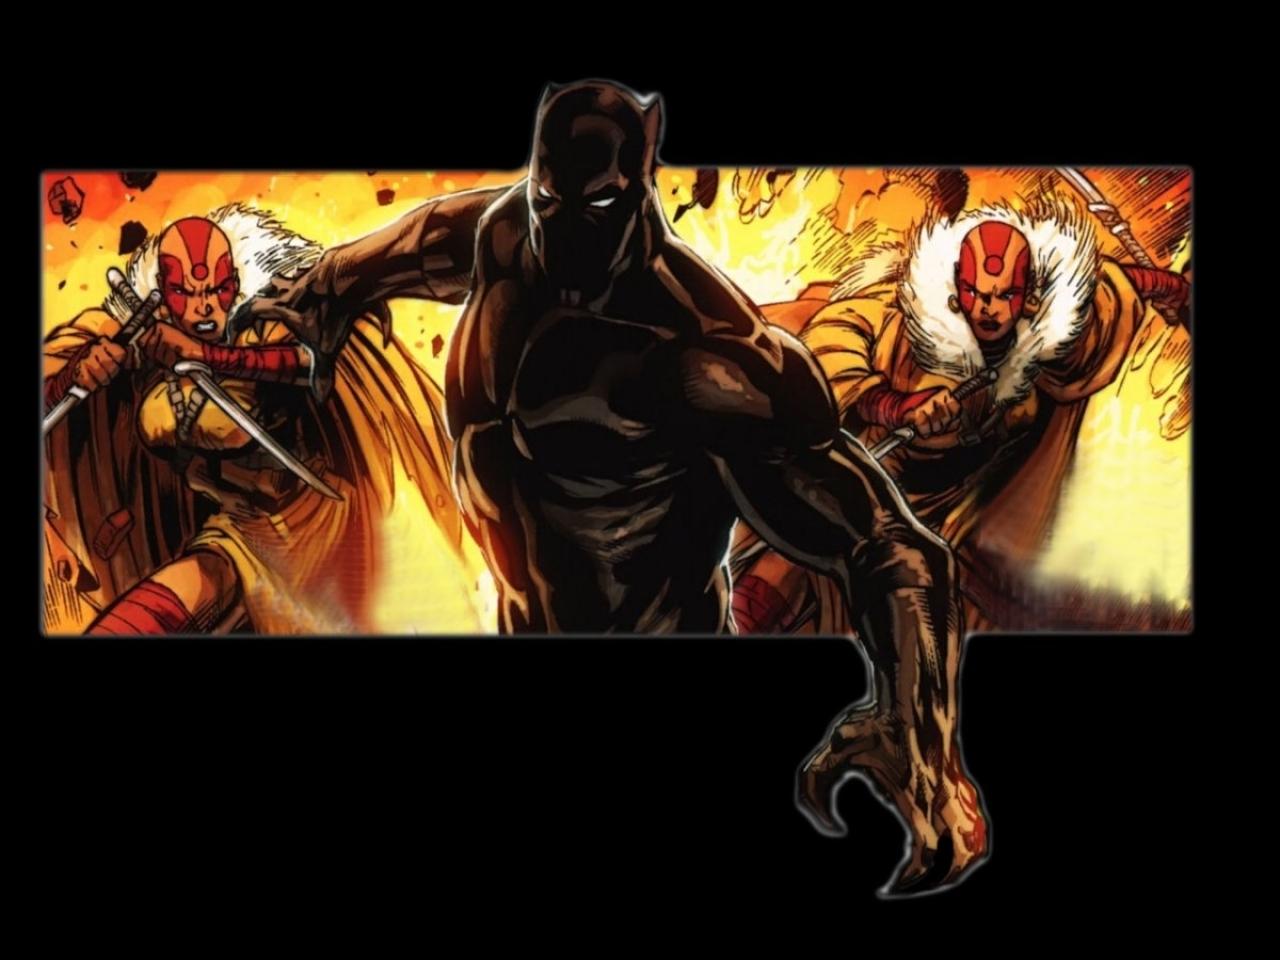 black panther comics marvel comics 1440x900 wallpaper Art HD Wallpaper 1280x960